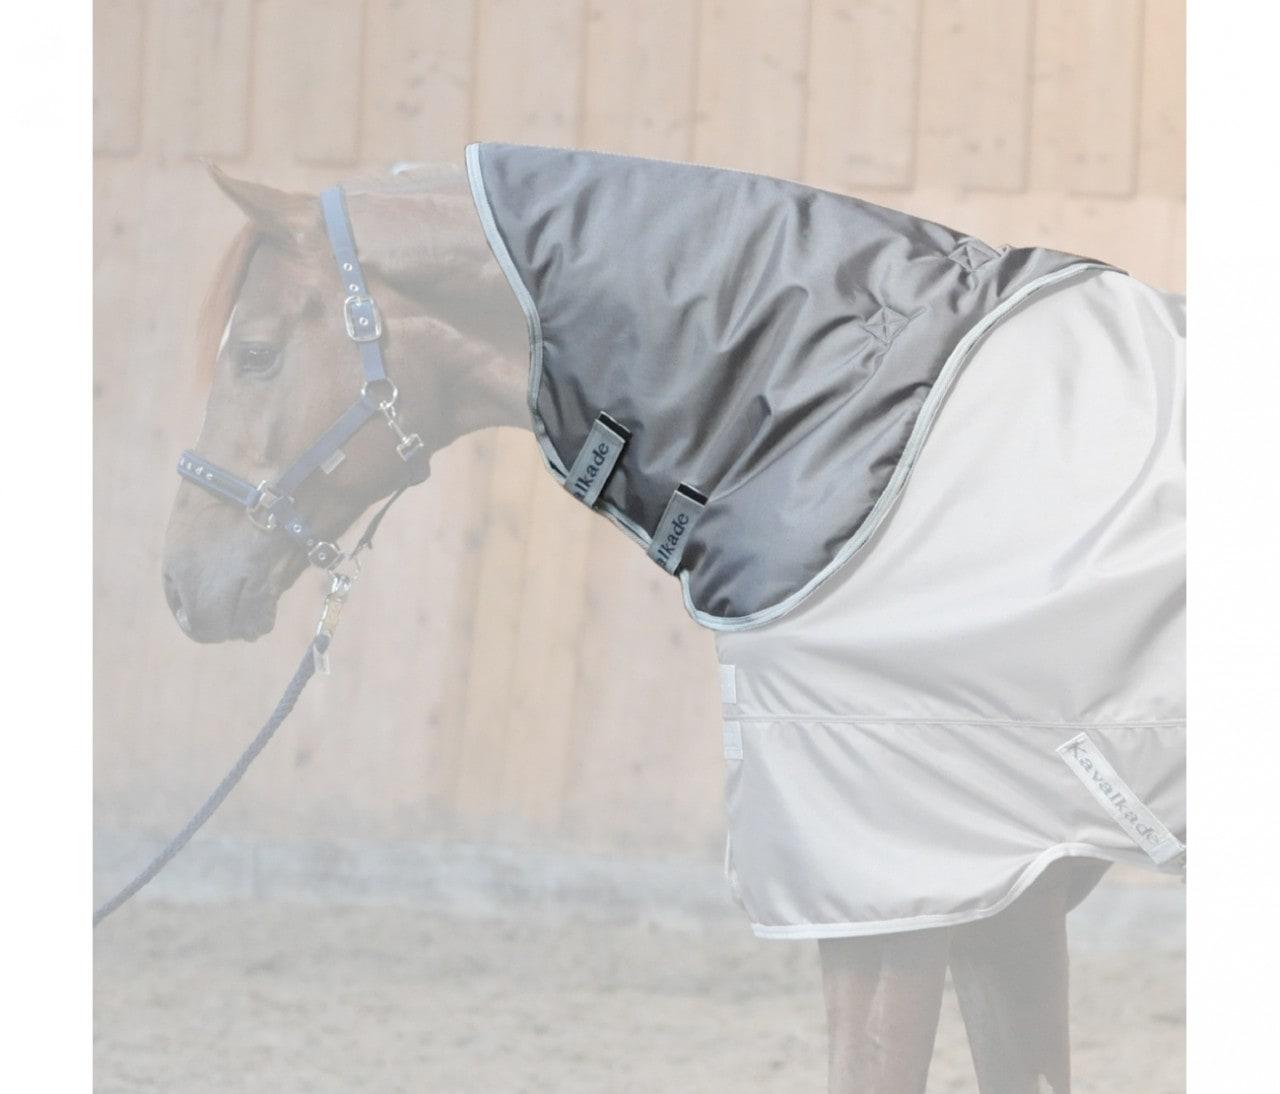 Halsteil Yukon | Pferdedecken Zubehör | Pferdedecken | Pferd | EQUIVA  Onlineshop